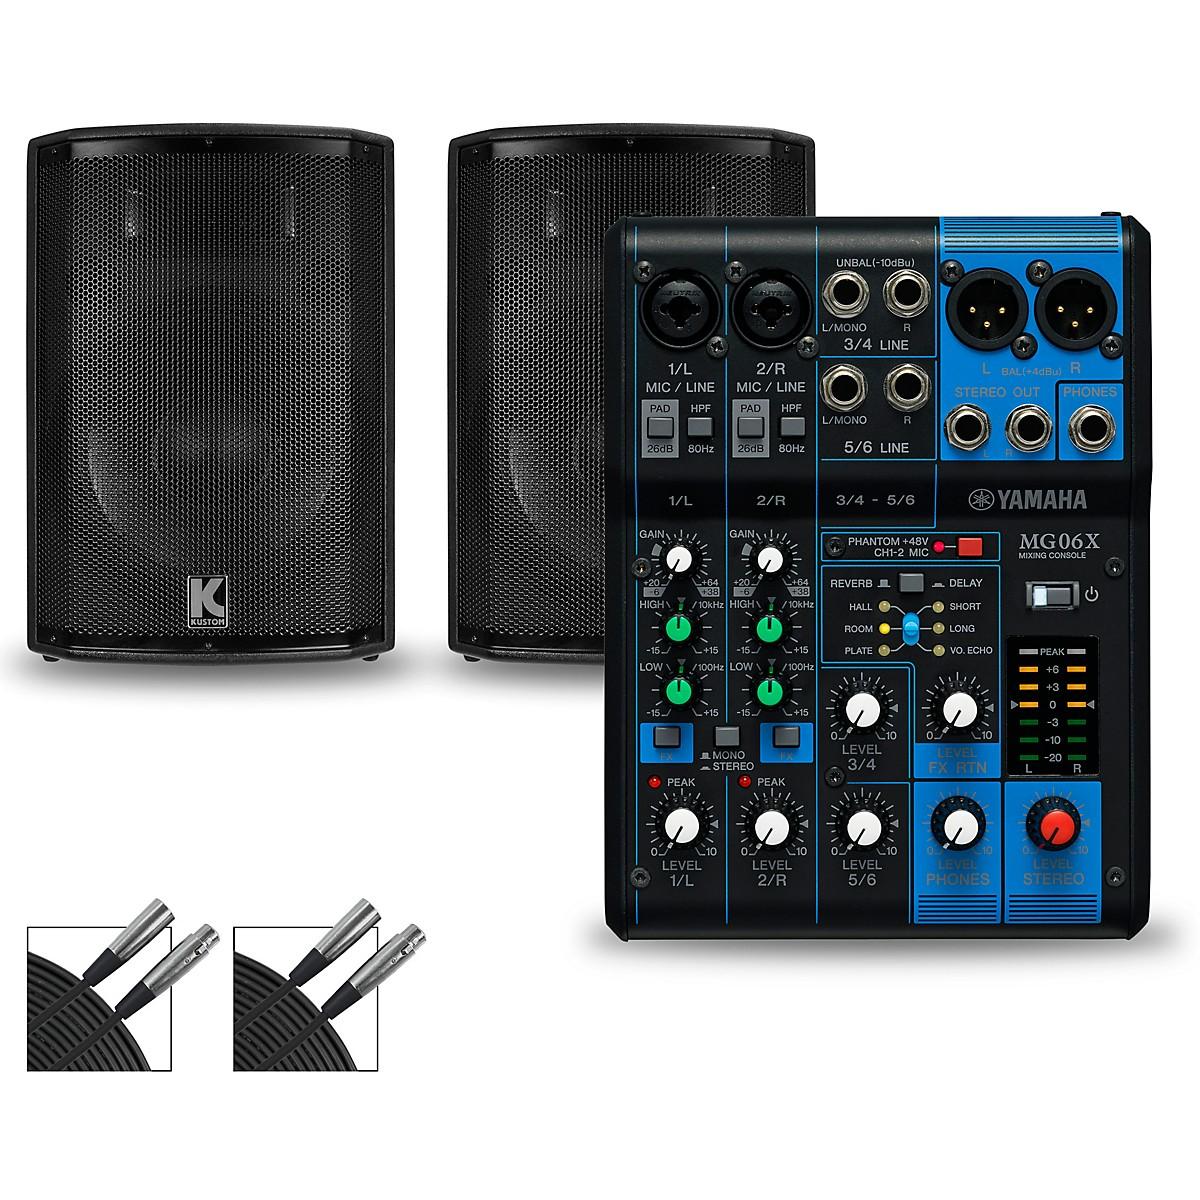 Yamaha MG06X Mixer and Kustom HiPAC Speakers